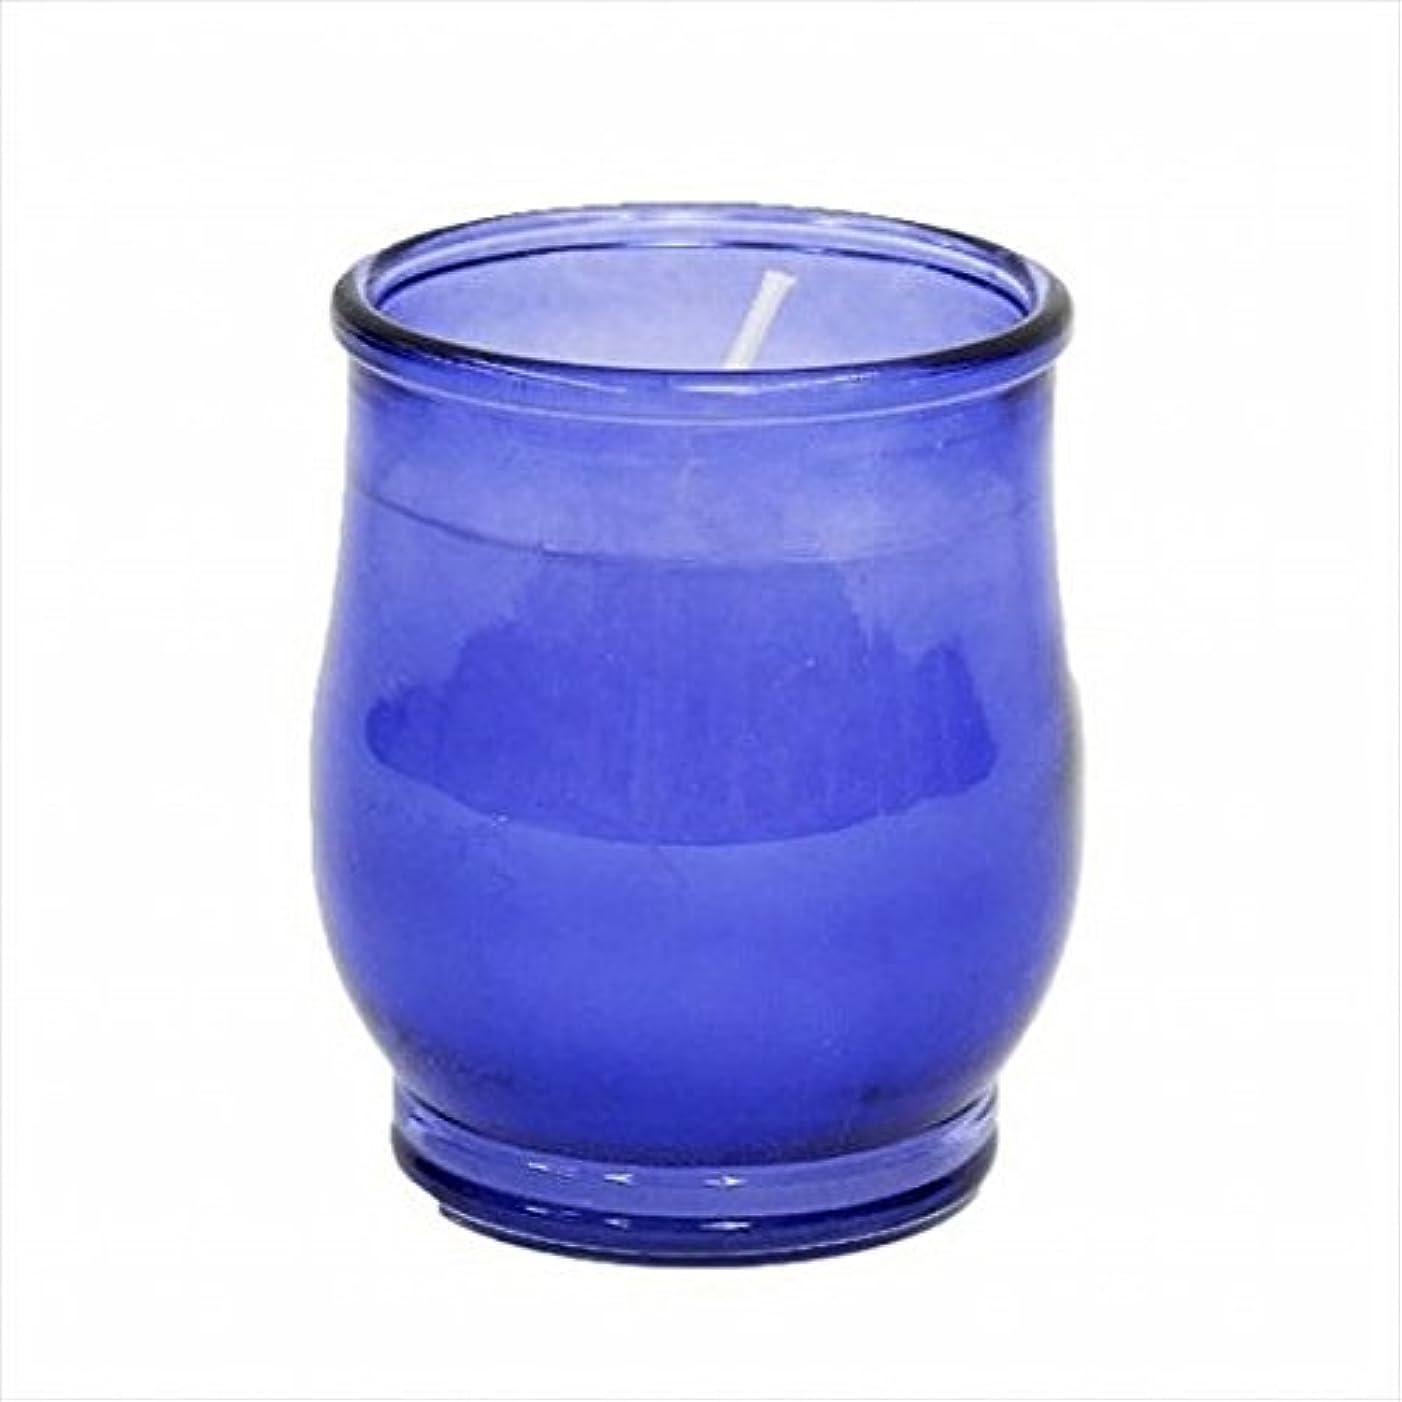 手書き肥満日kameyama candle(カメヤマキャンドル) ポシェ(非常用コップローソク) 「 ブルー(ライトカラー) 」 キャンドル 68x68x80mm (73020030B)